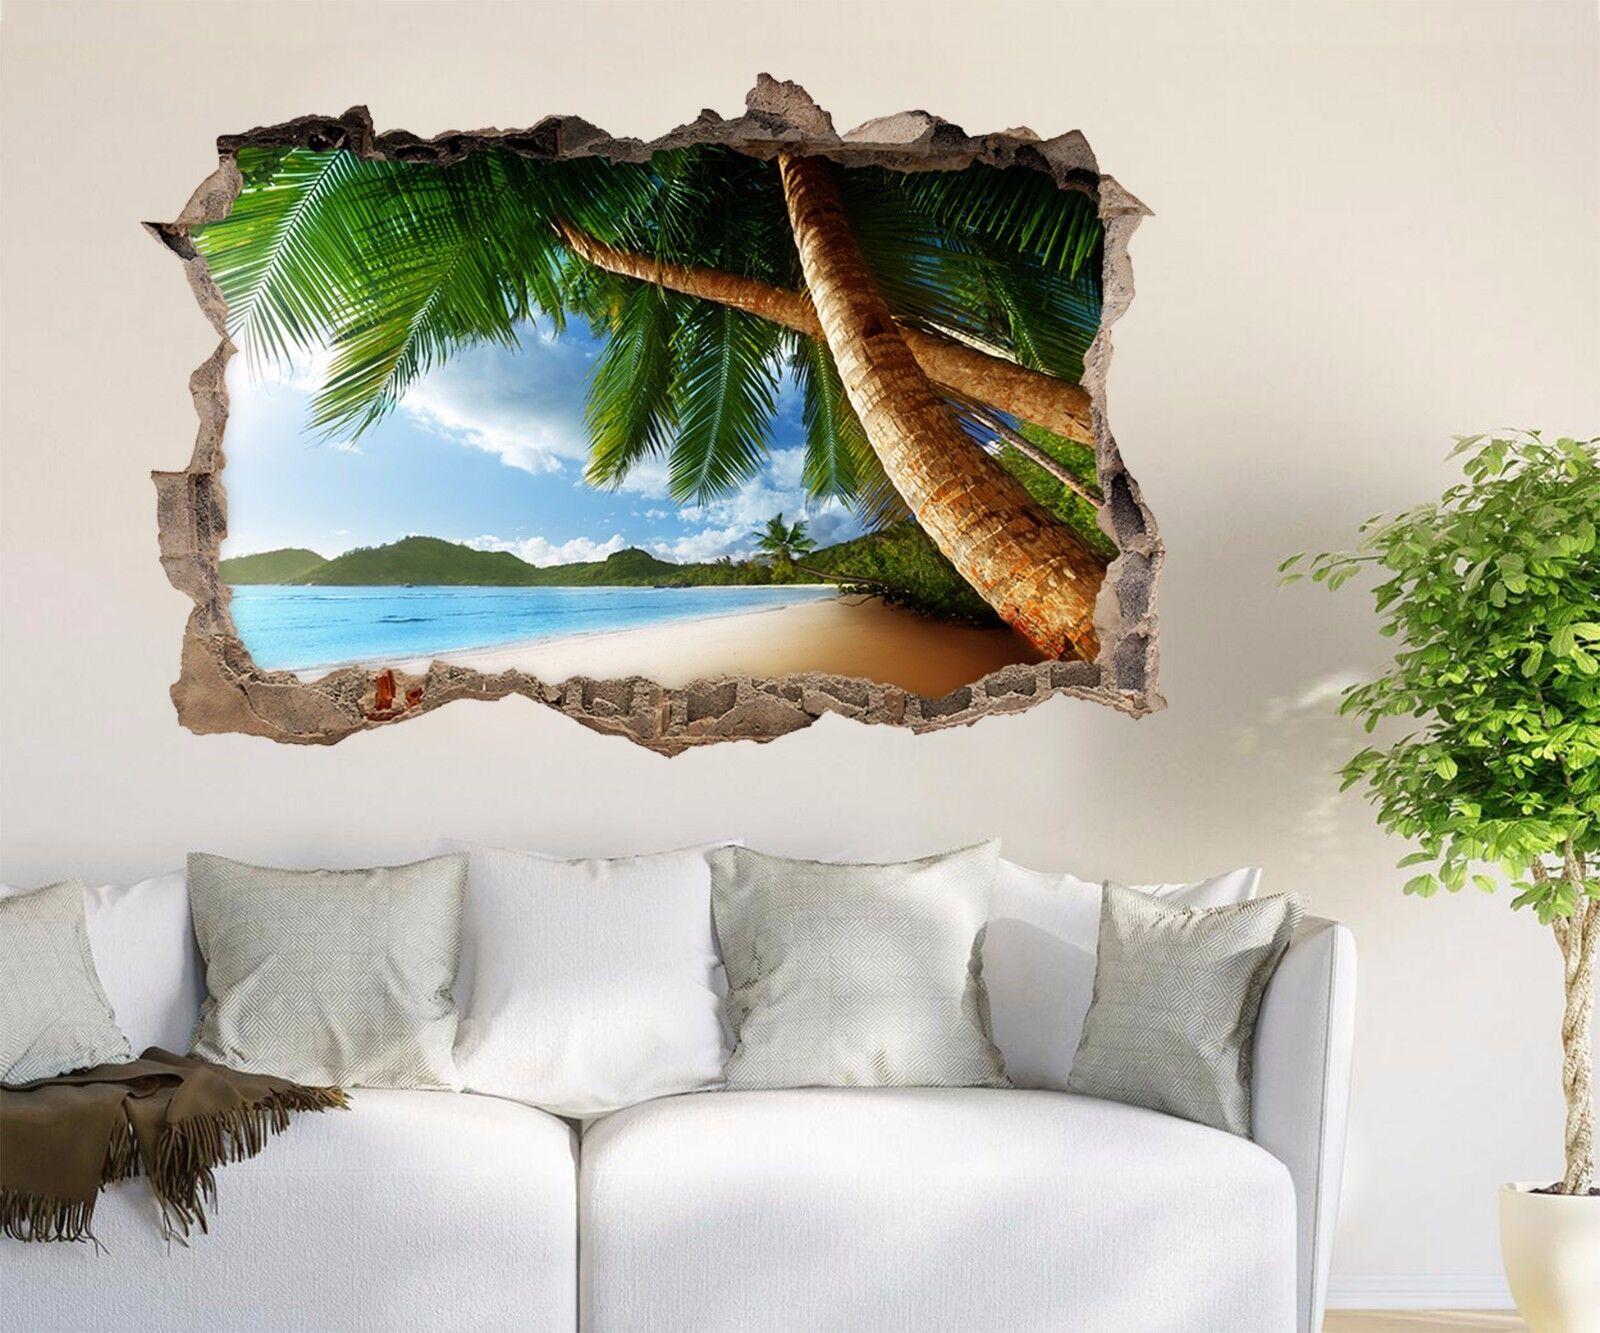 3D Alberi Spiaggia 270 Parete Murales Adesivi Decal Sfondamento AJ WALLPAPER IT